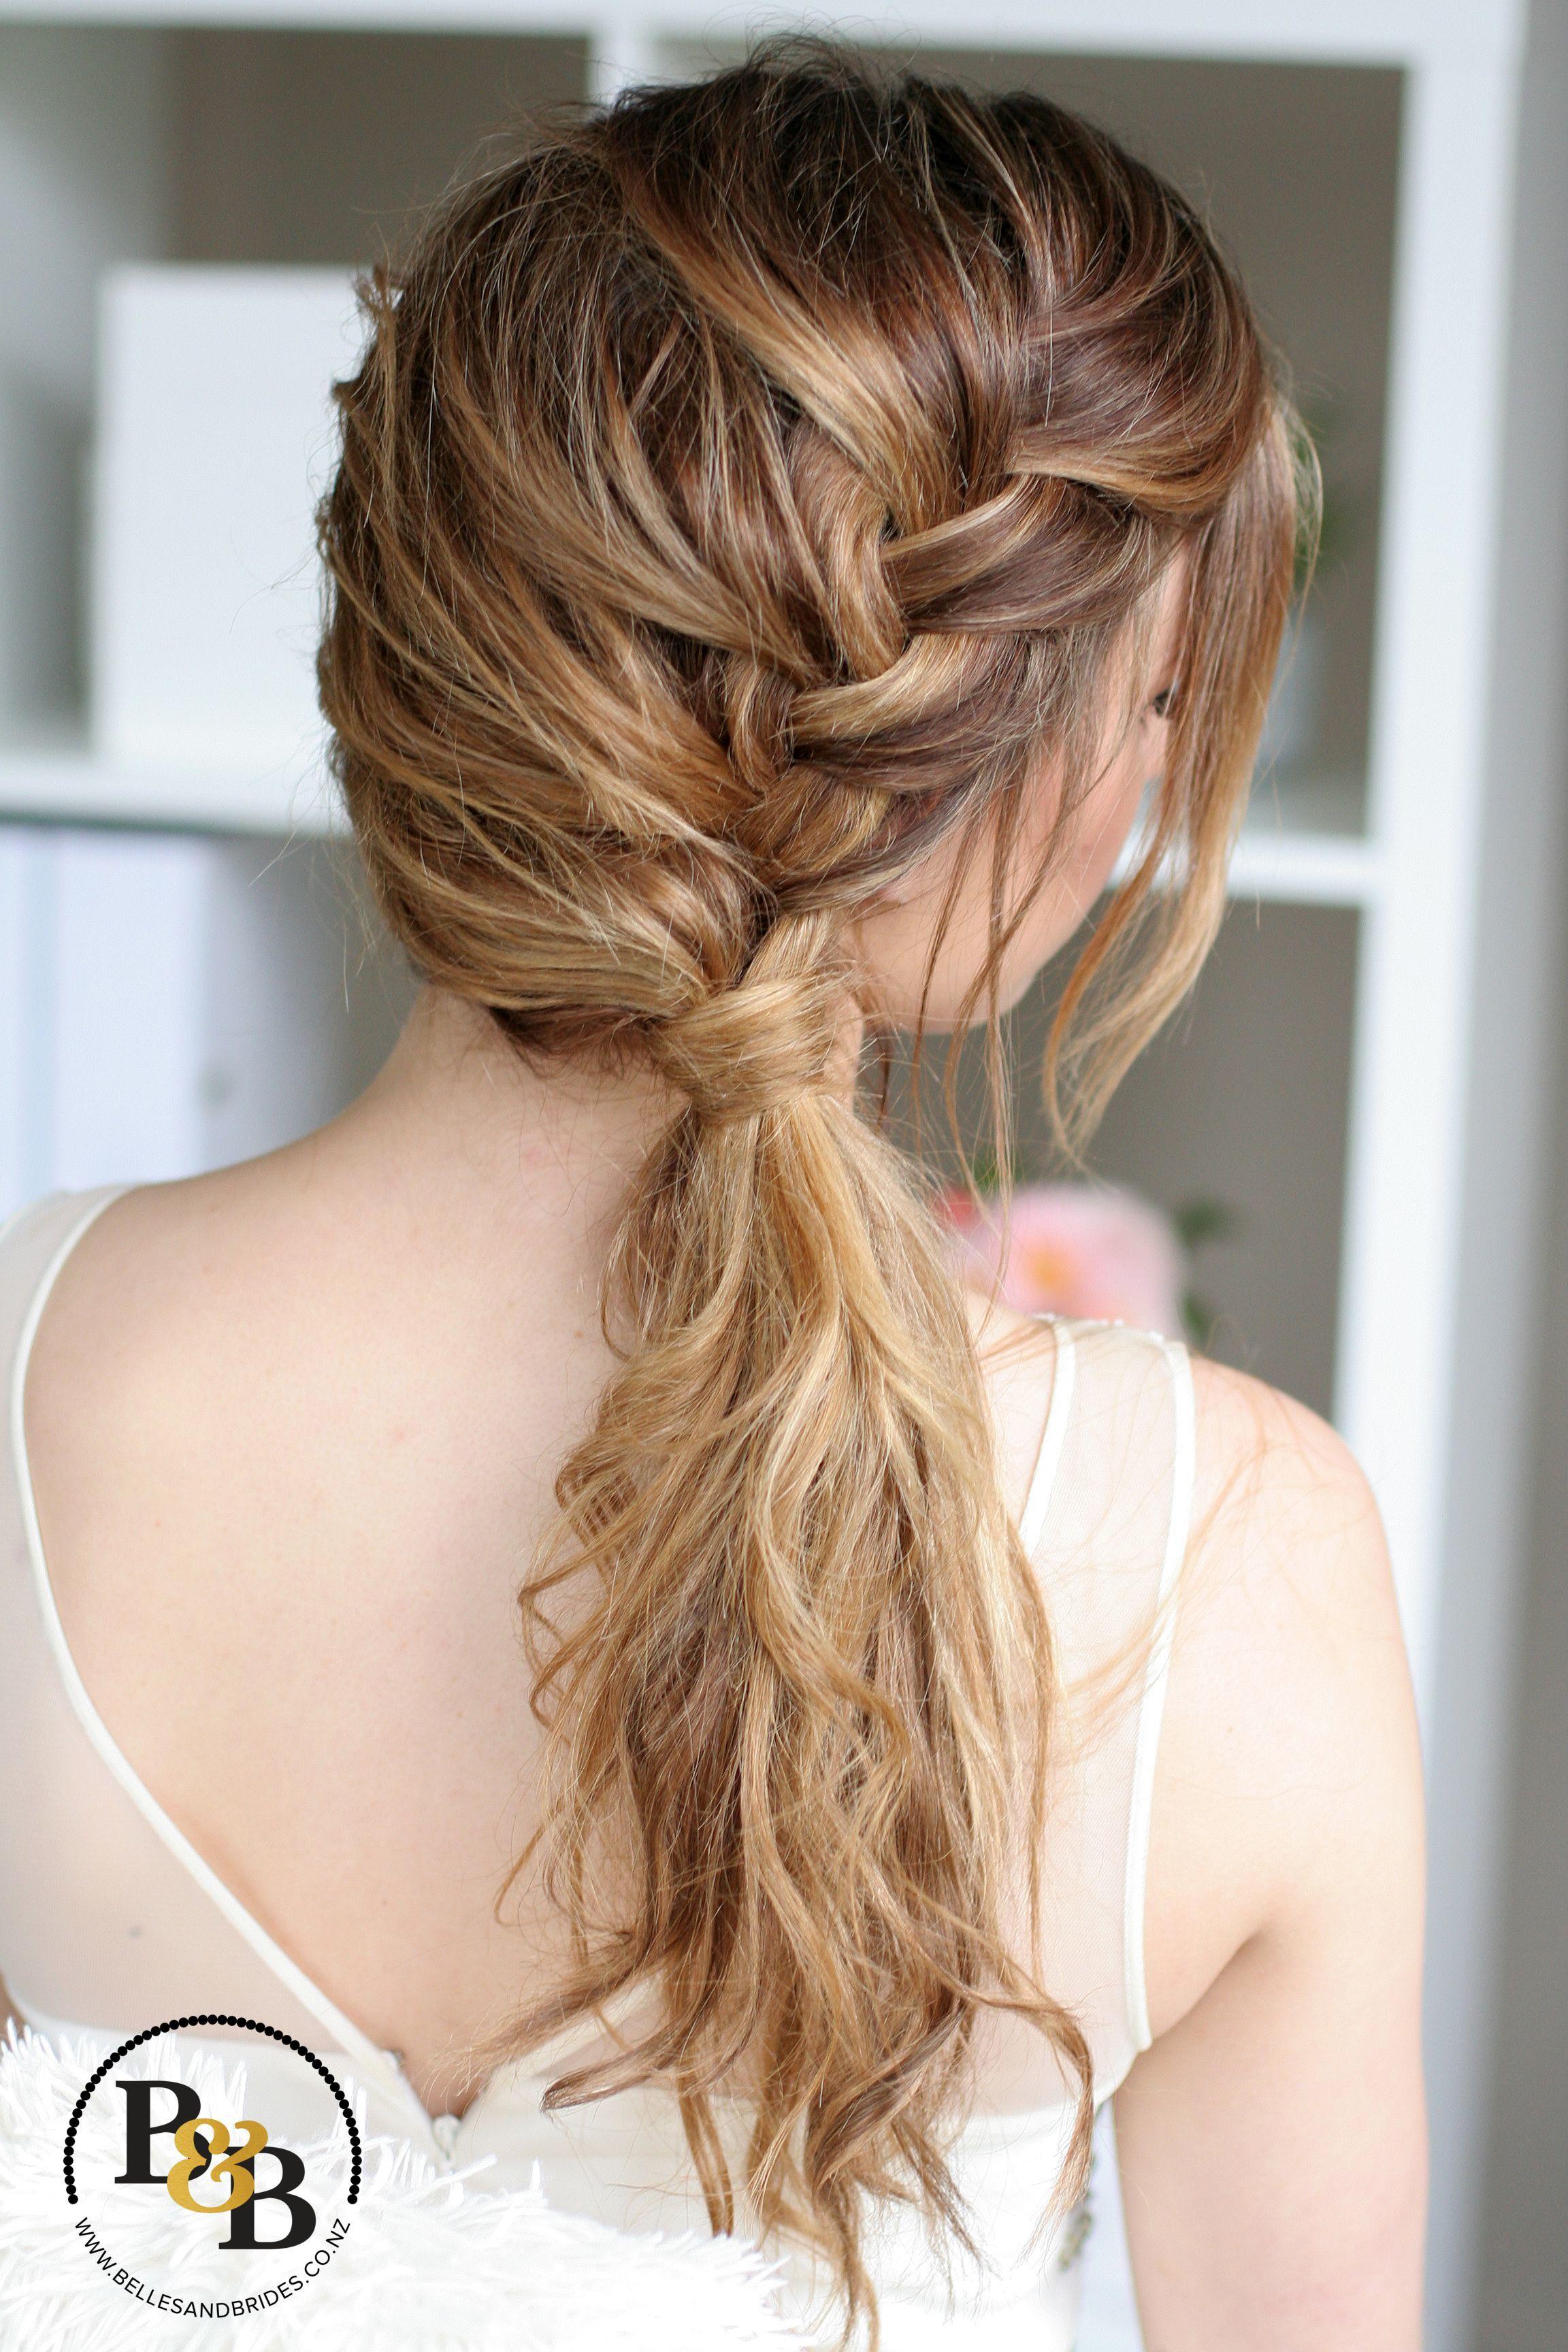 Wedding hair down with braid bridesmaidhairwithbraid